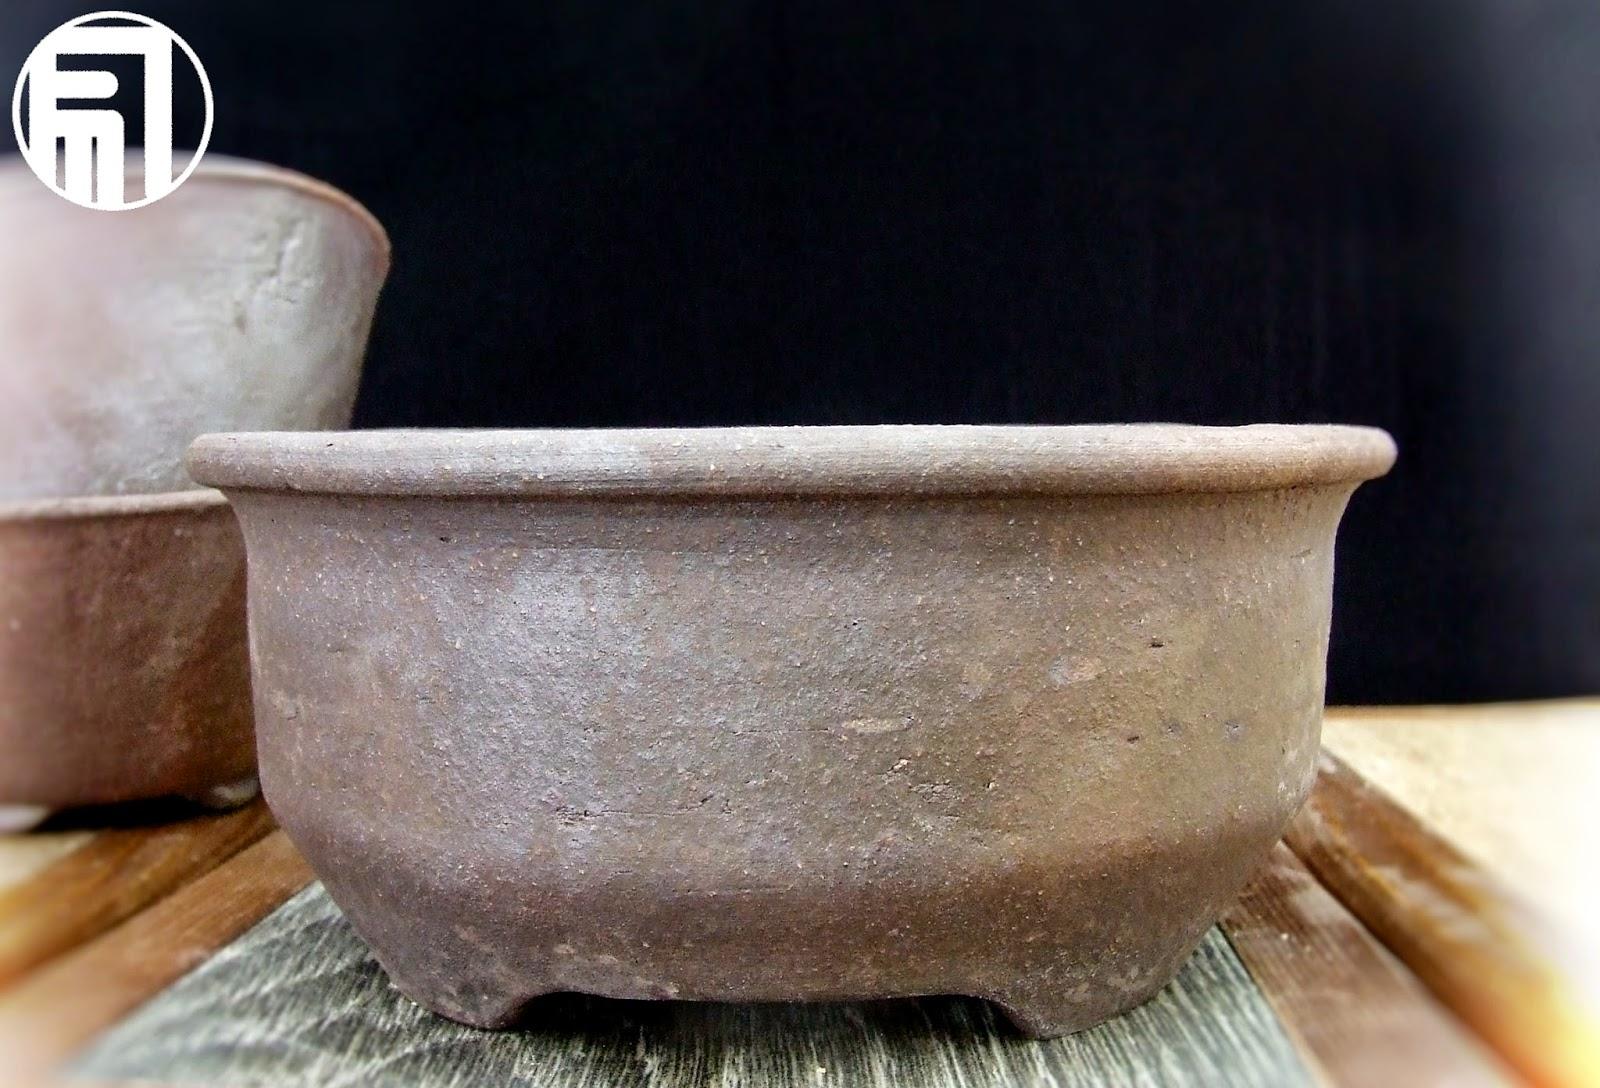 Il Vasaio A5f11 Ceramica Artistica Ad Alta Temperatura In Fornace